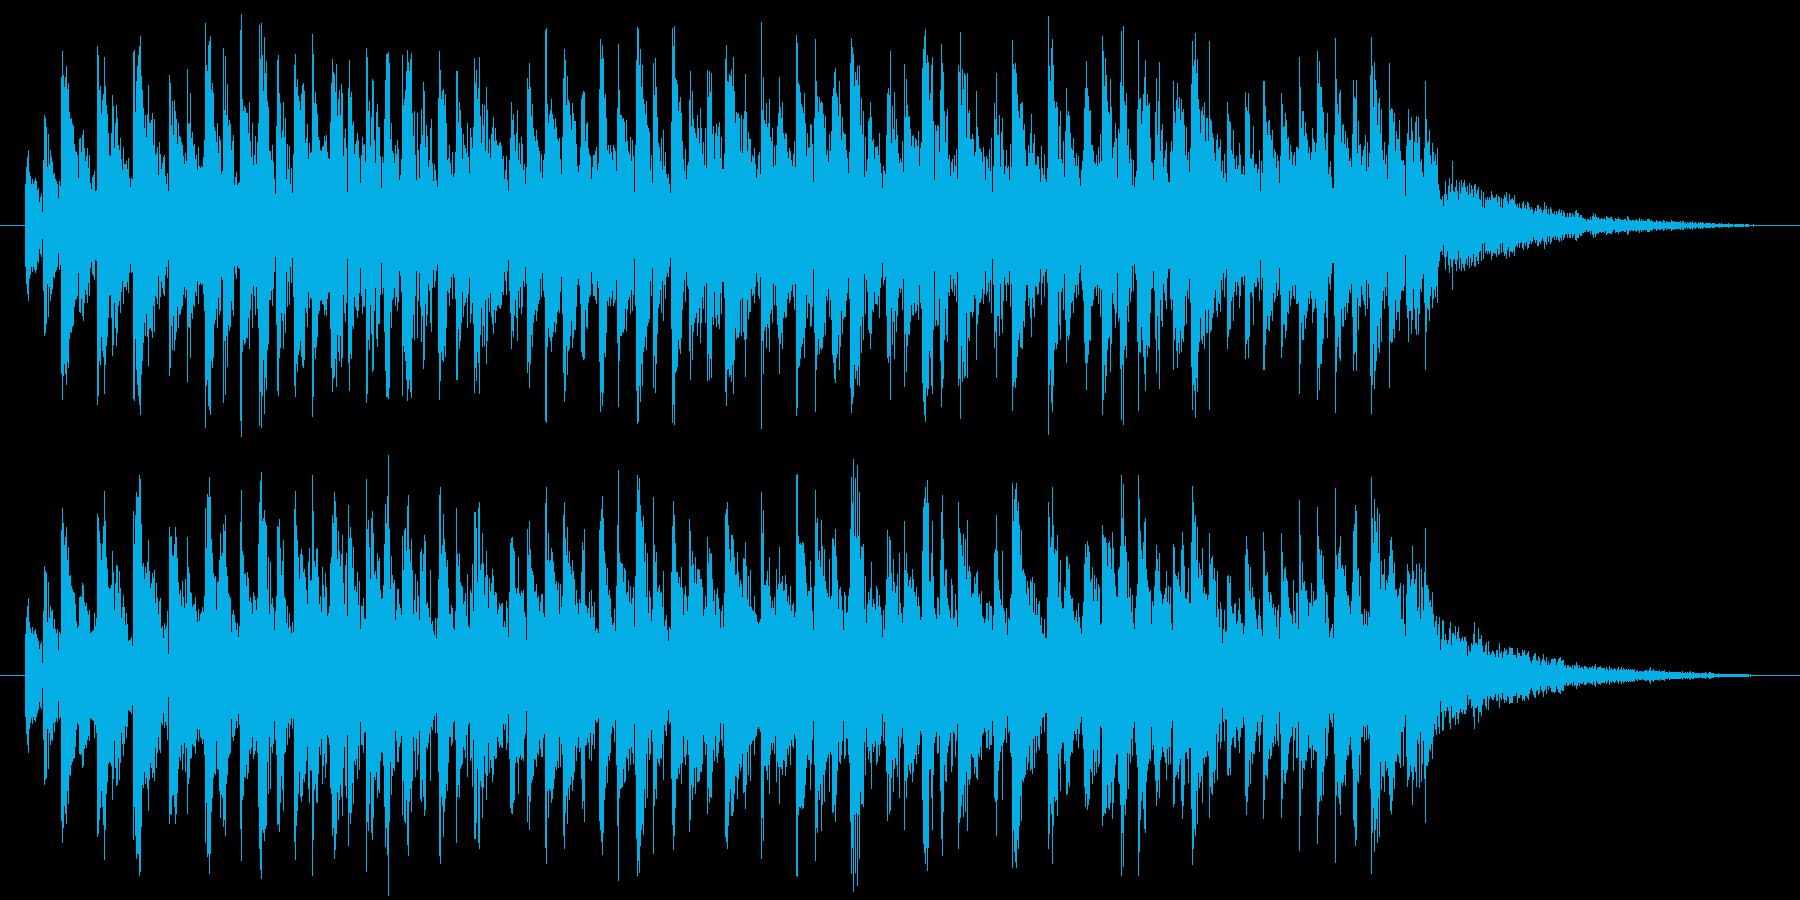 混乱(電子的)の再生済みの波形